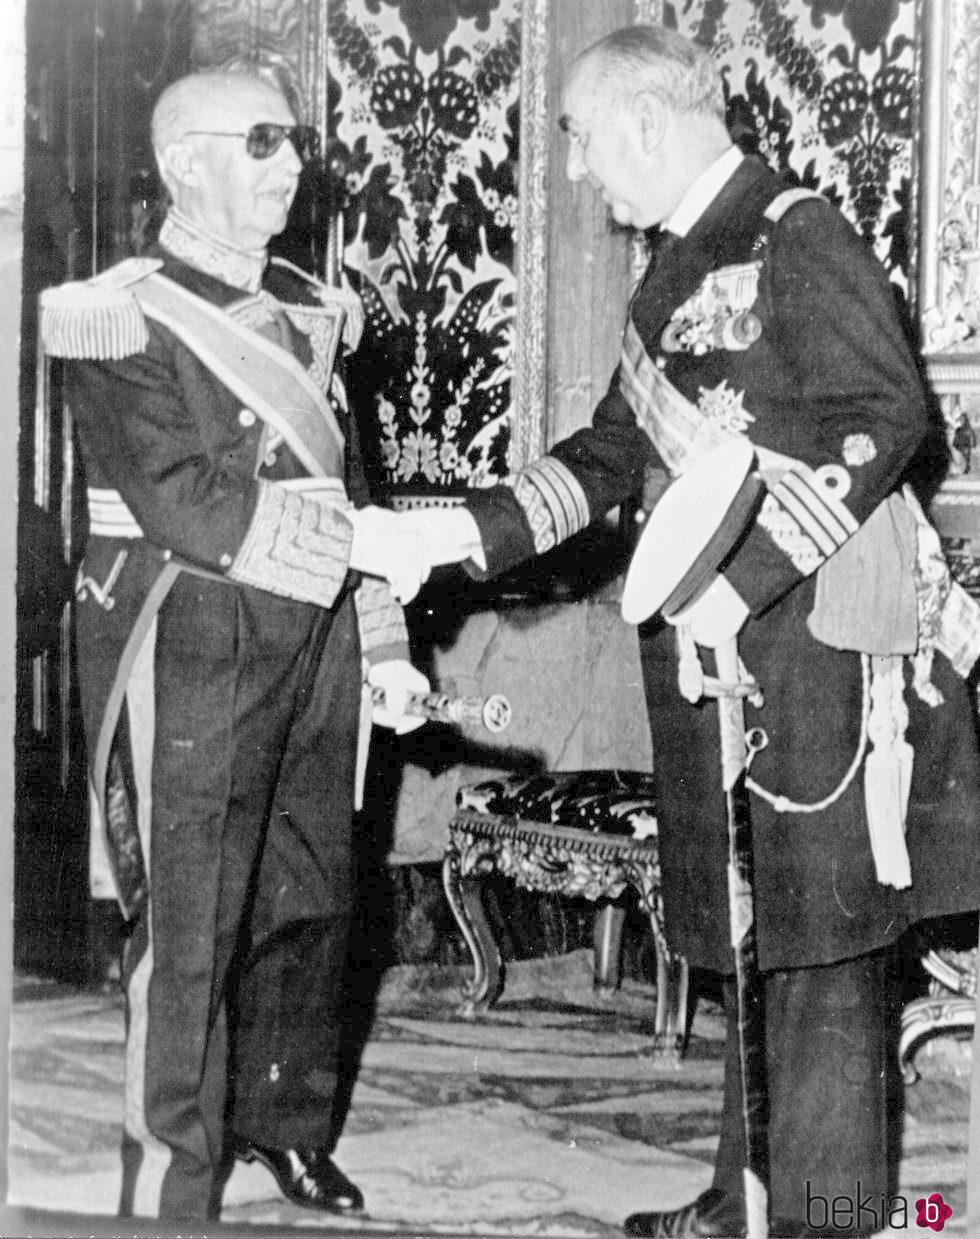 Francisco Franco y Carrero Blanco